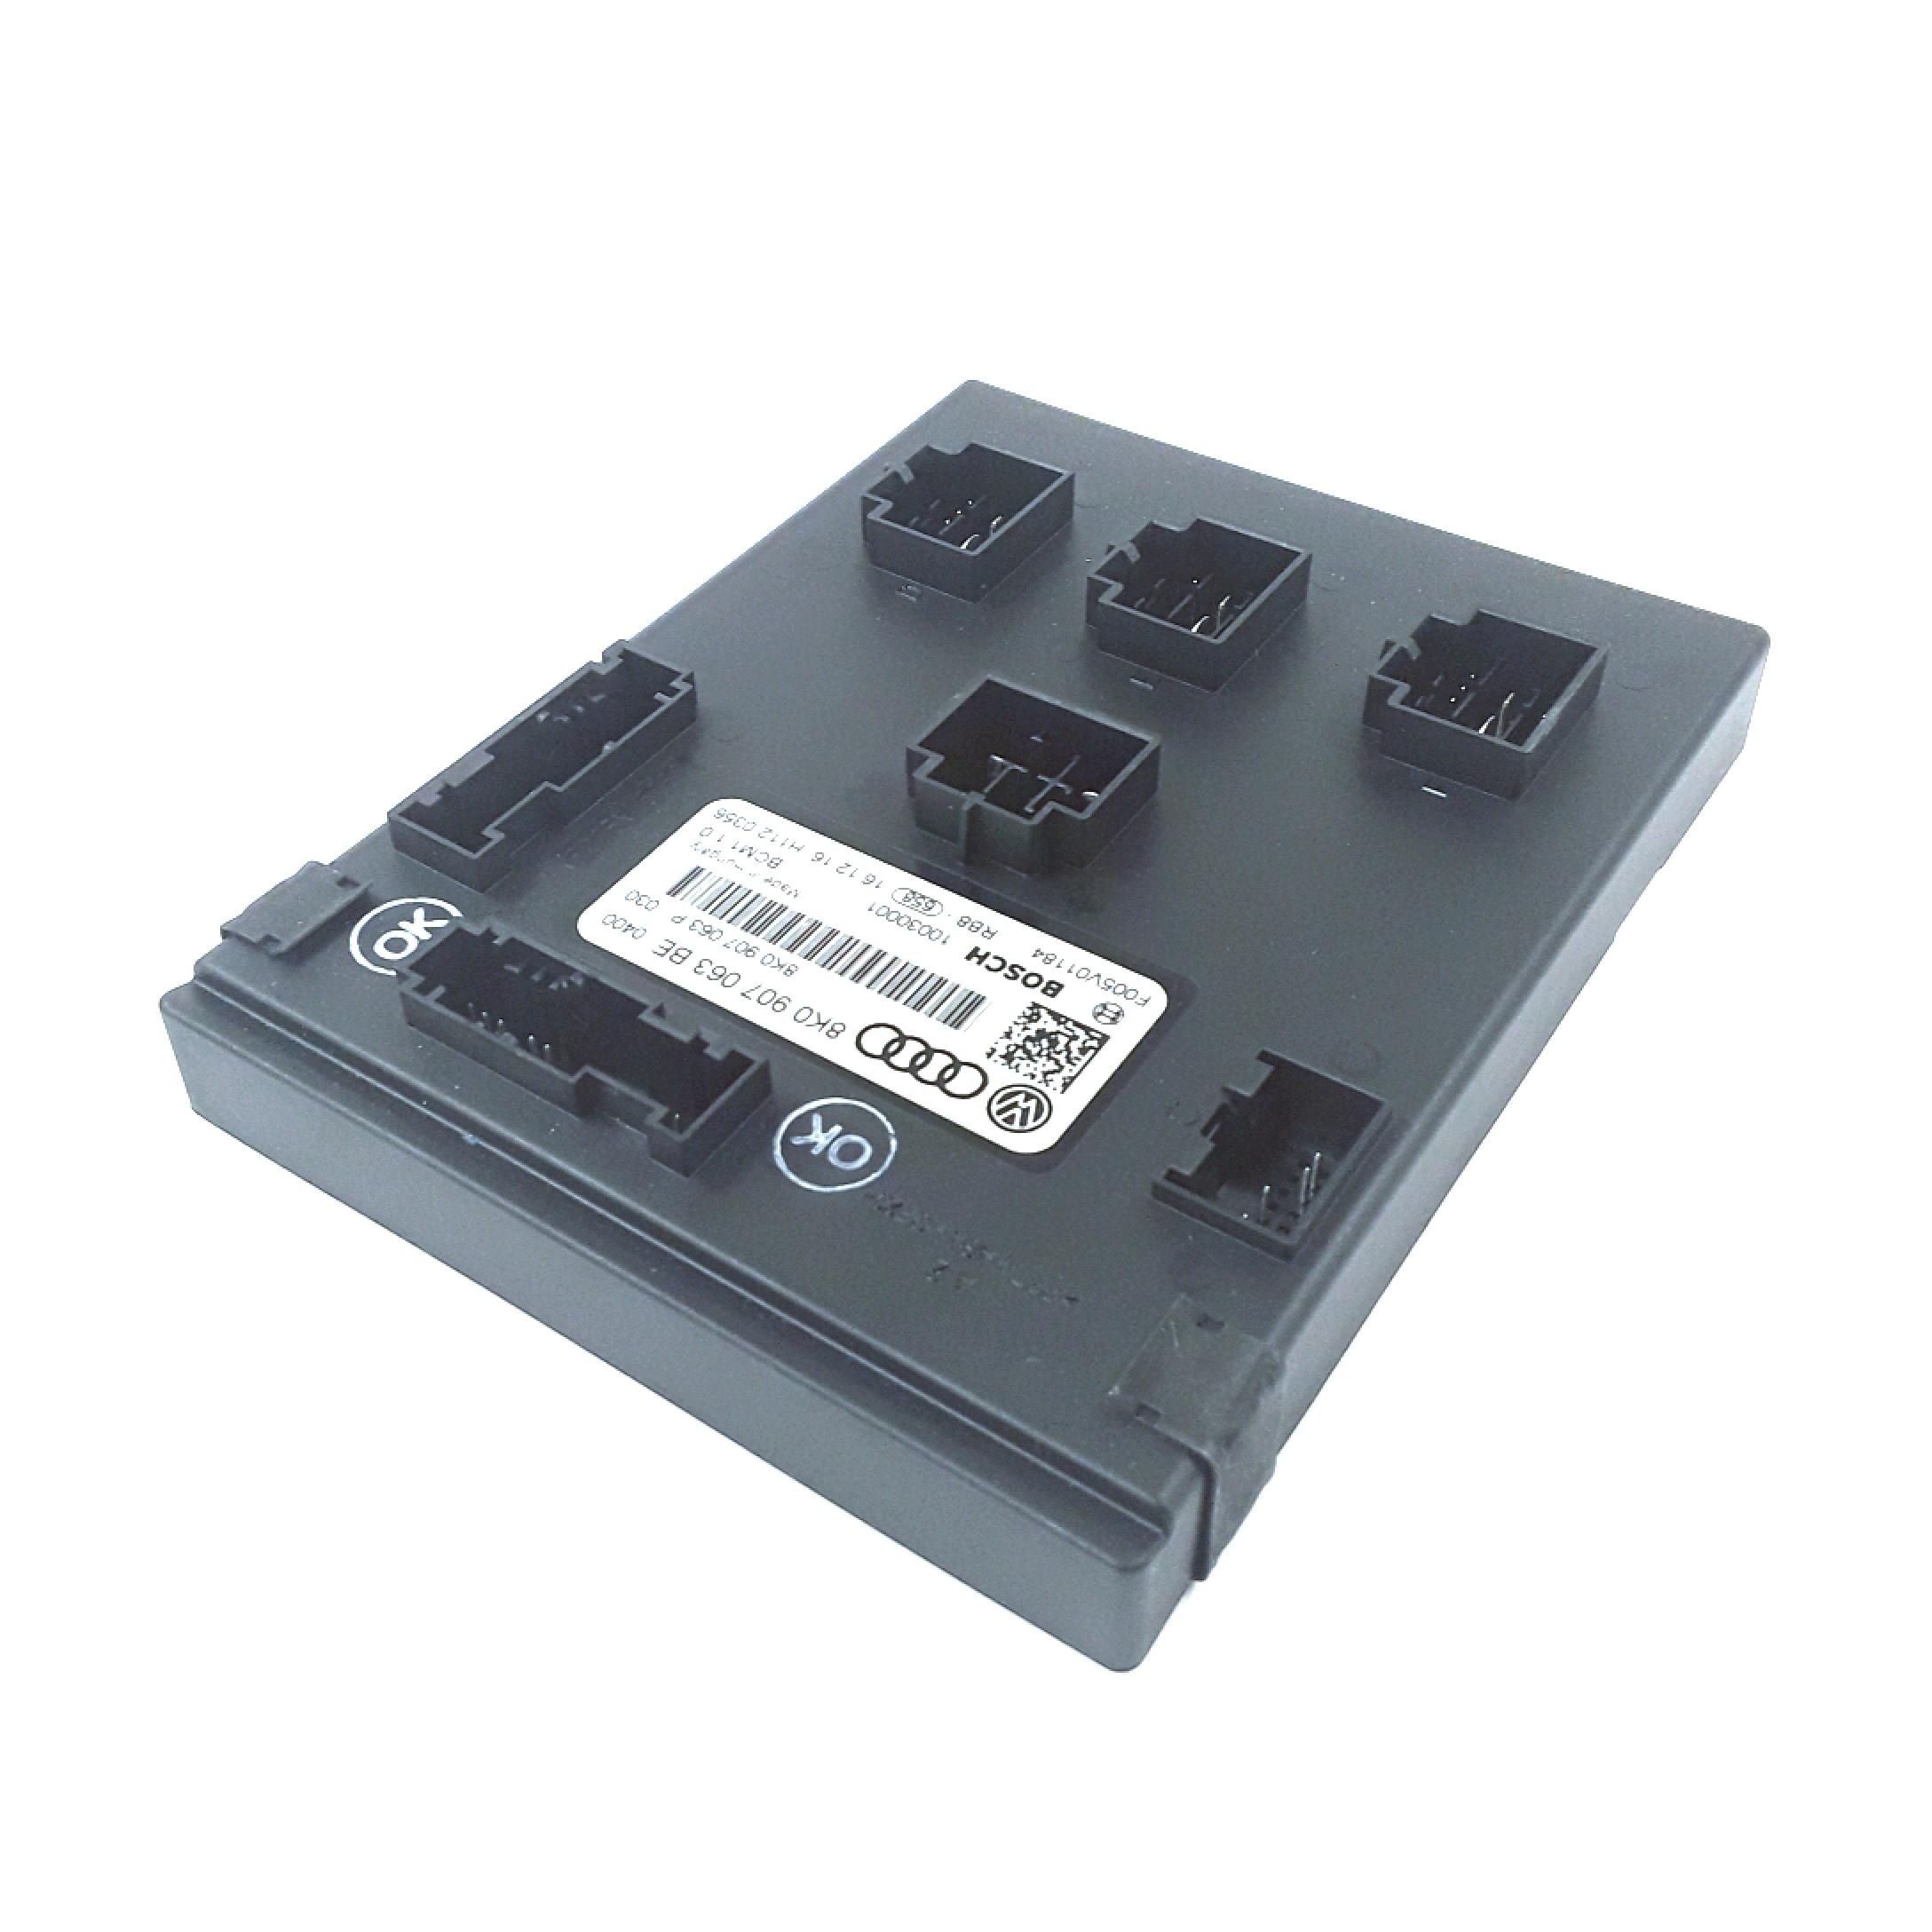 8K0907063BE - Contour. Unit. Control module. Pcm. Control ...